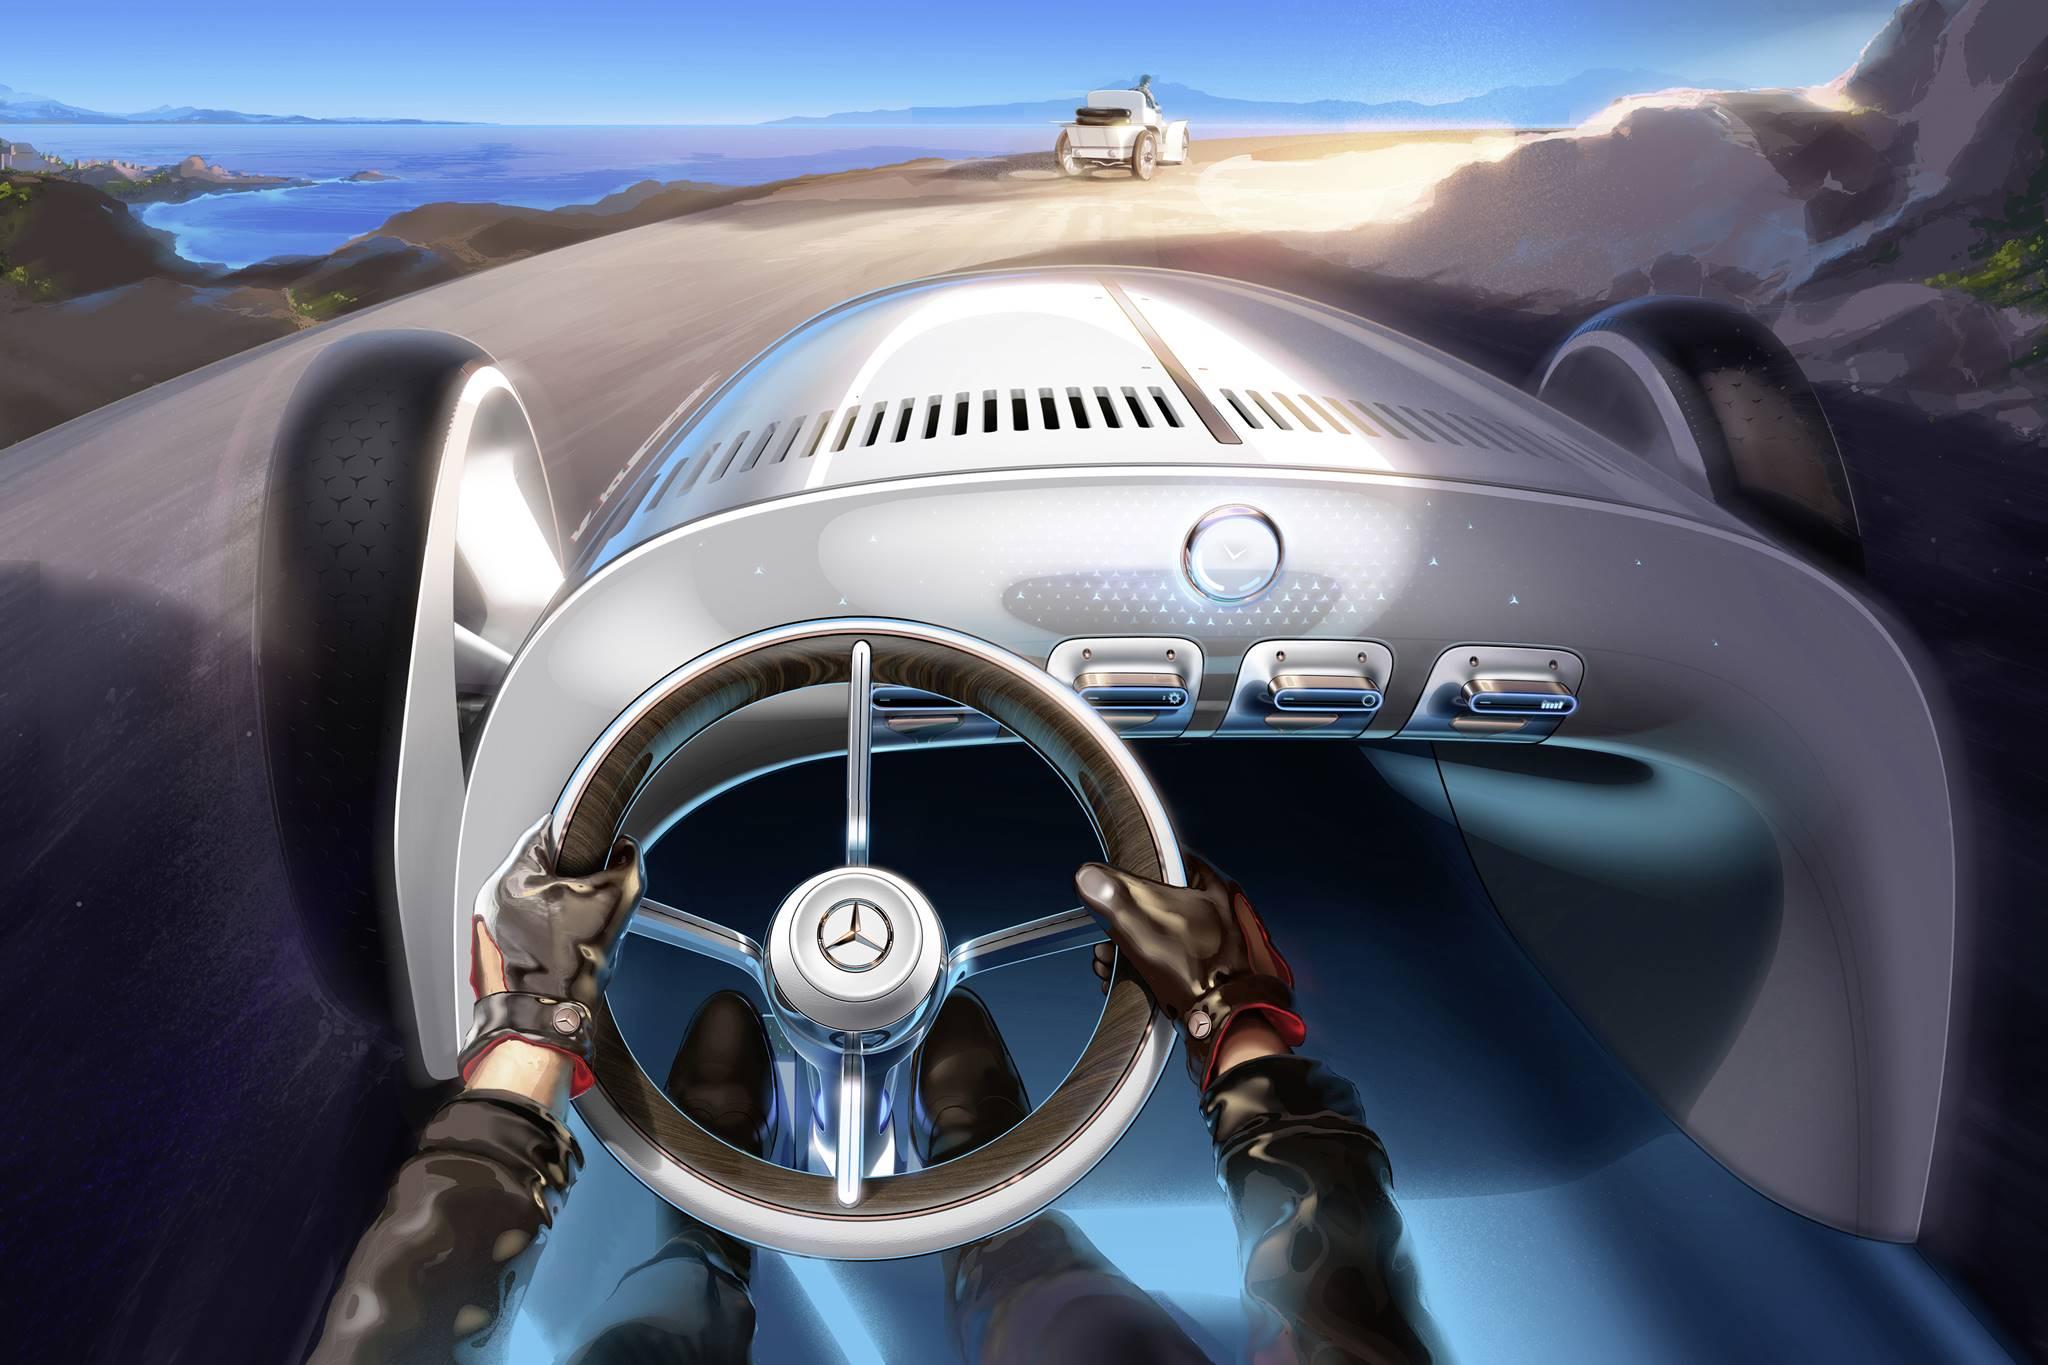 Mercedes-Benz trình làng concept xe tương lai mới có thiết kế hoài cổ-7